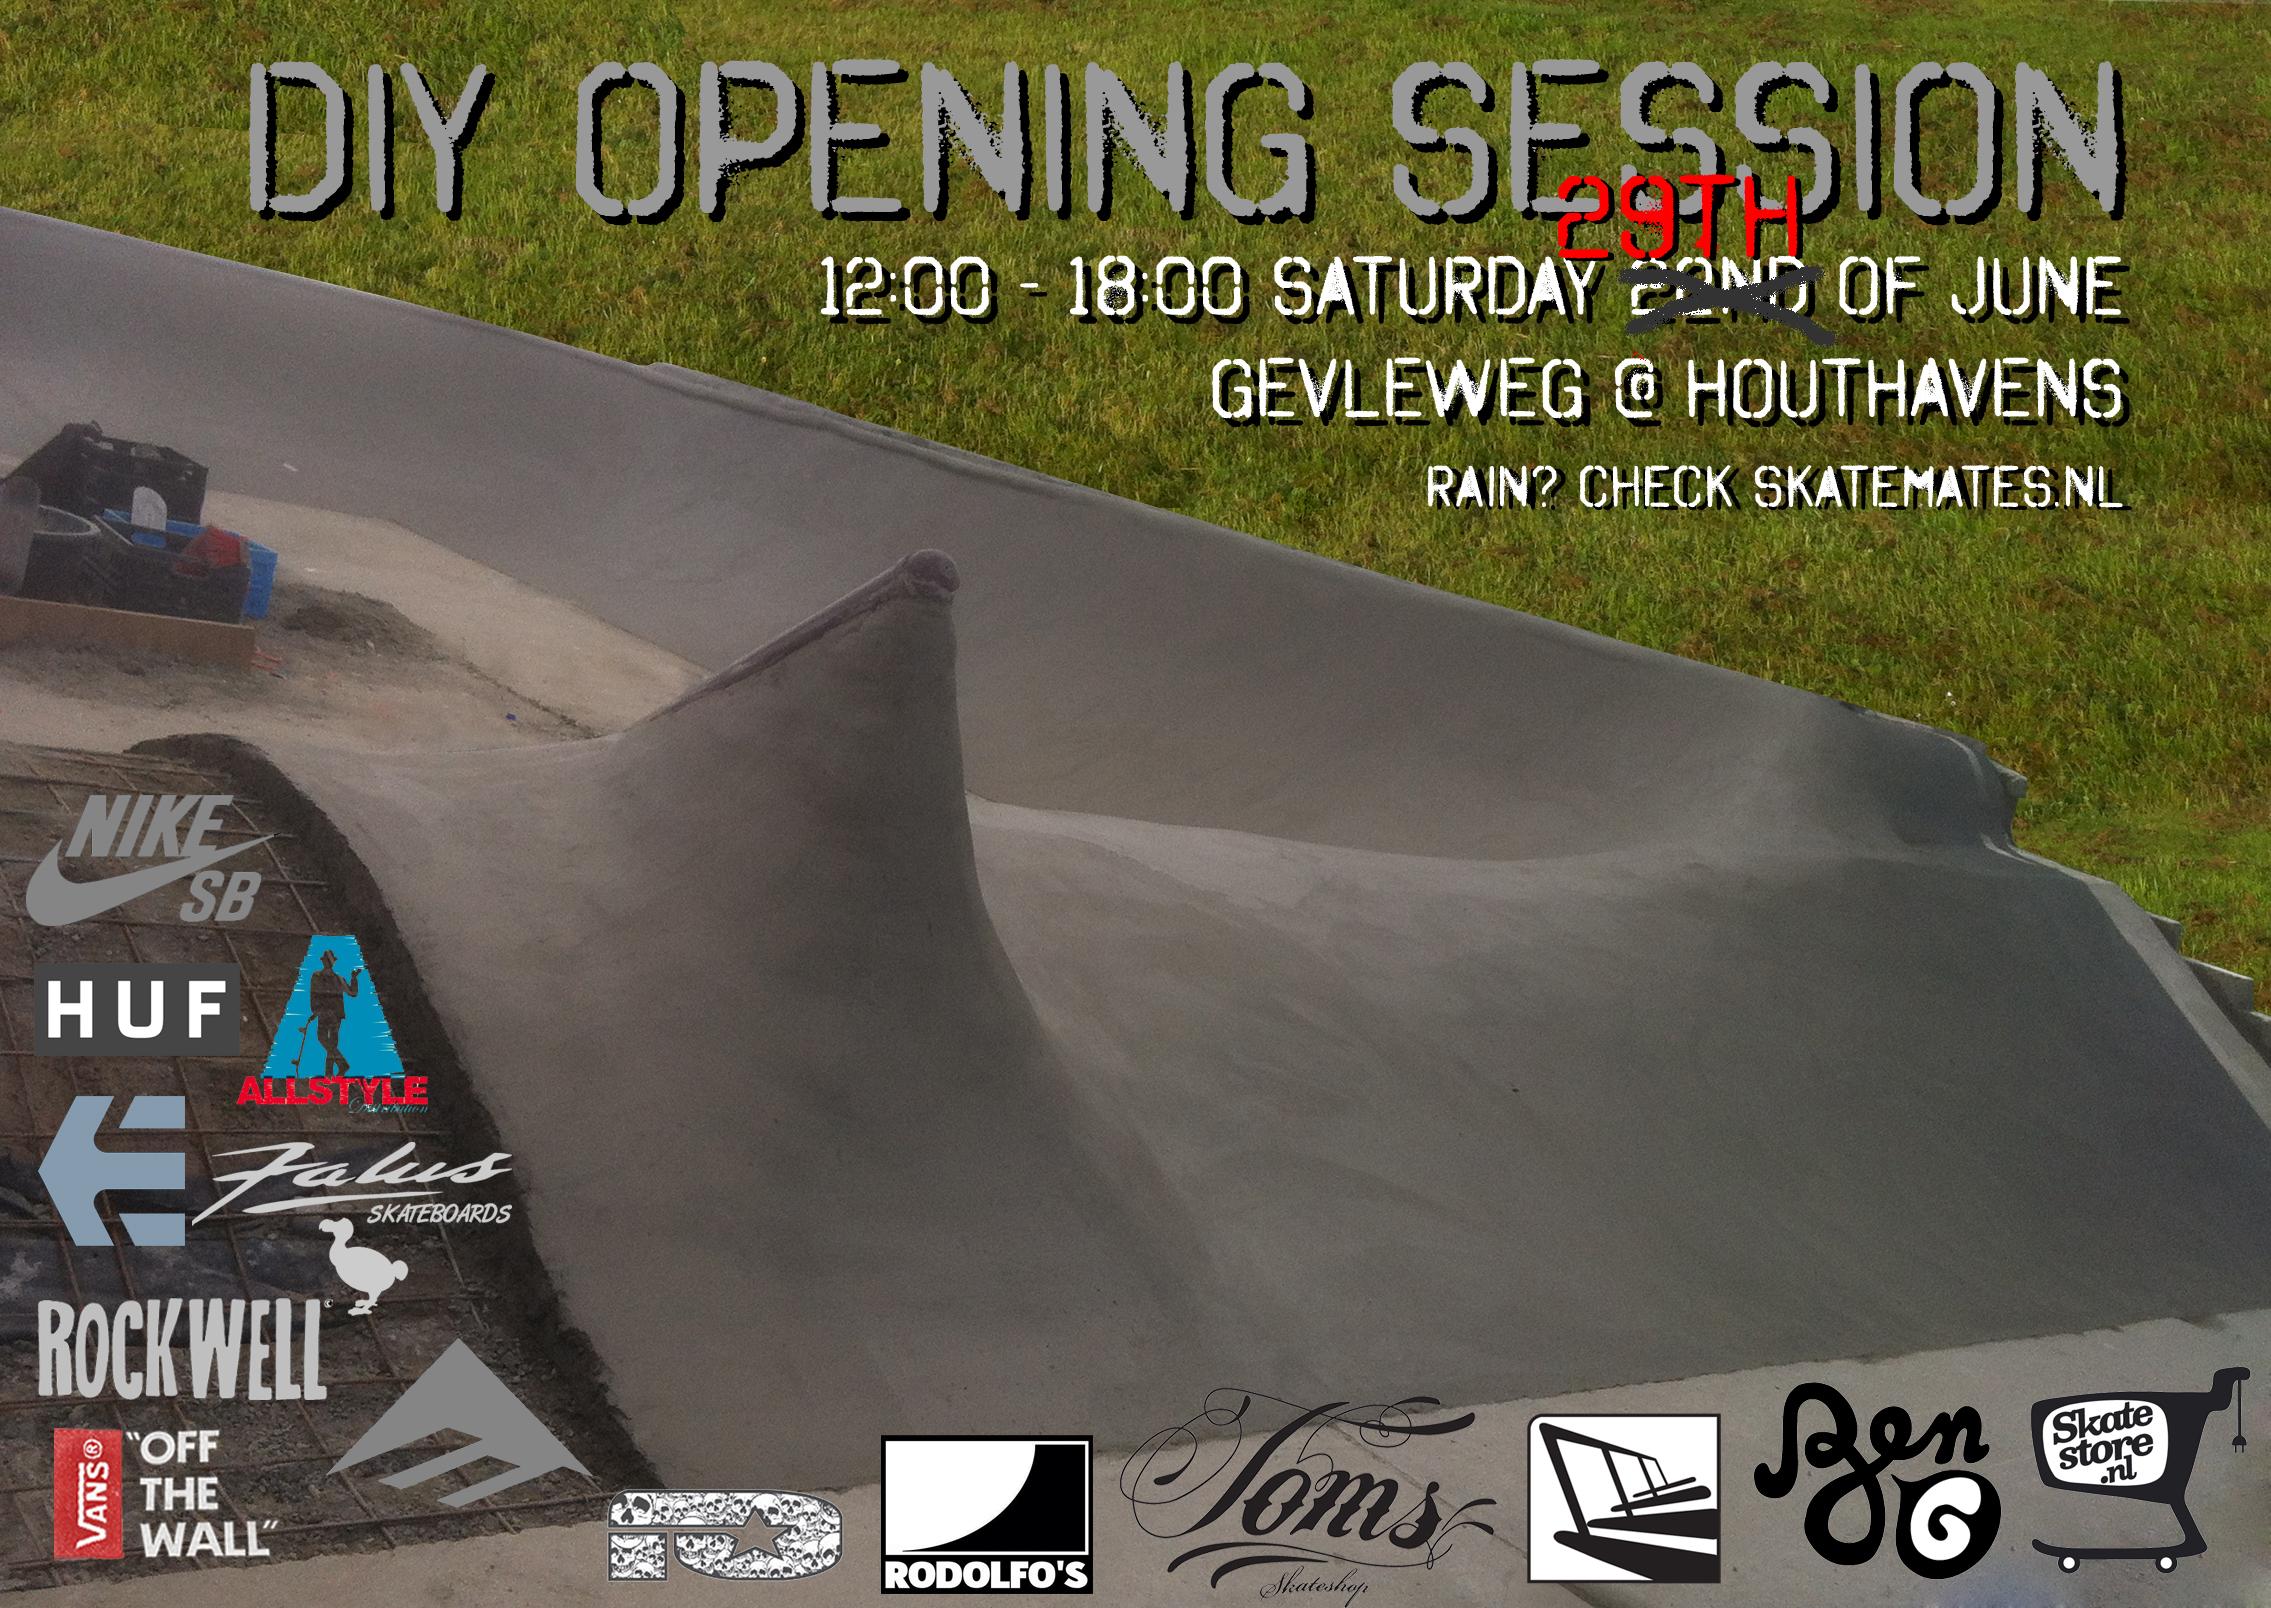 diy opening flyer newdate